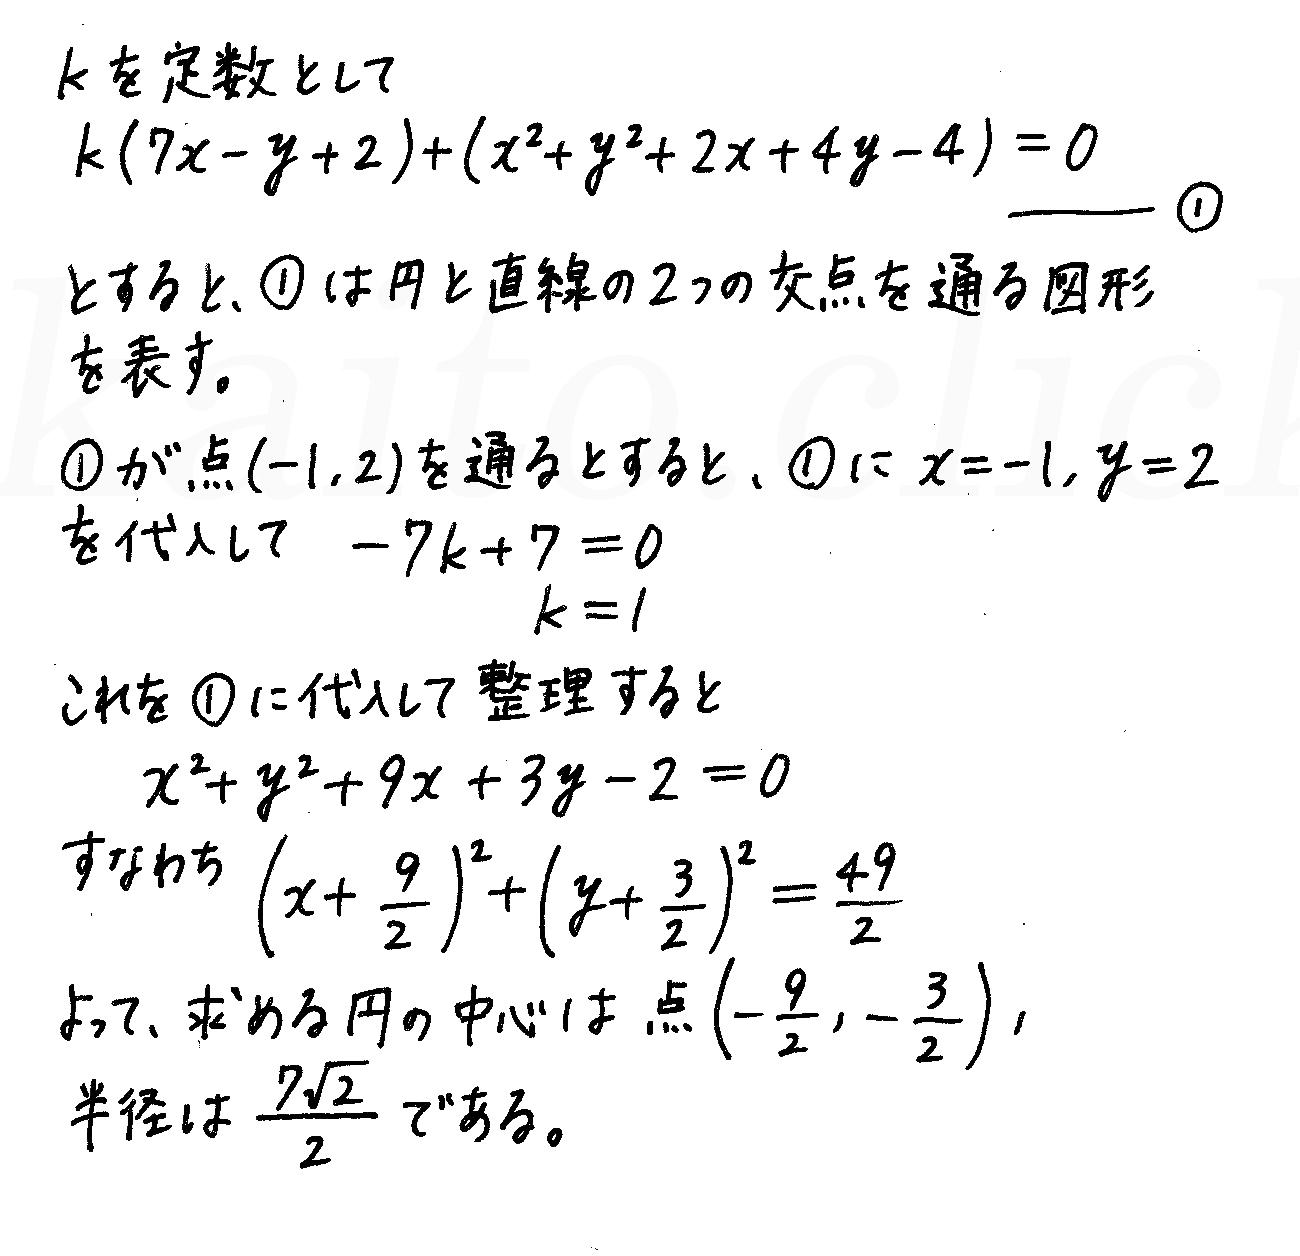 4STEP数学2-209解答